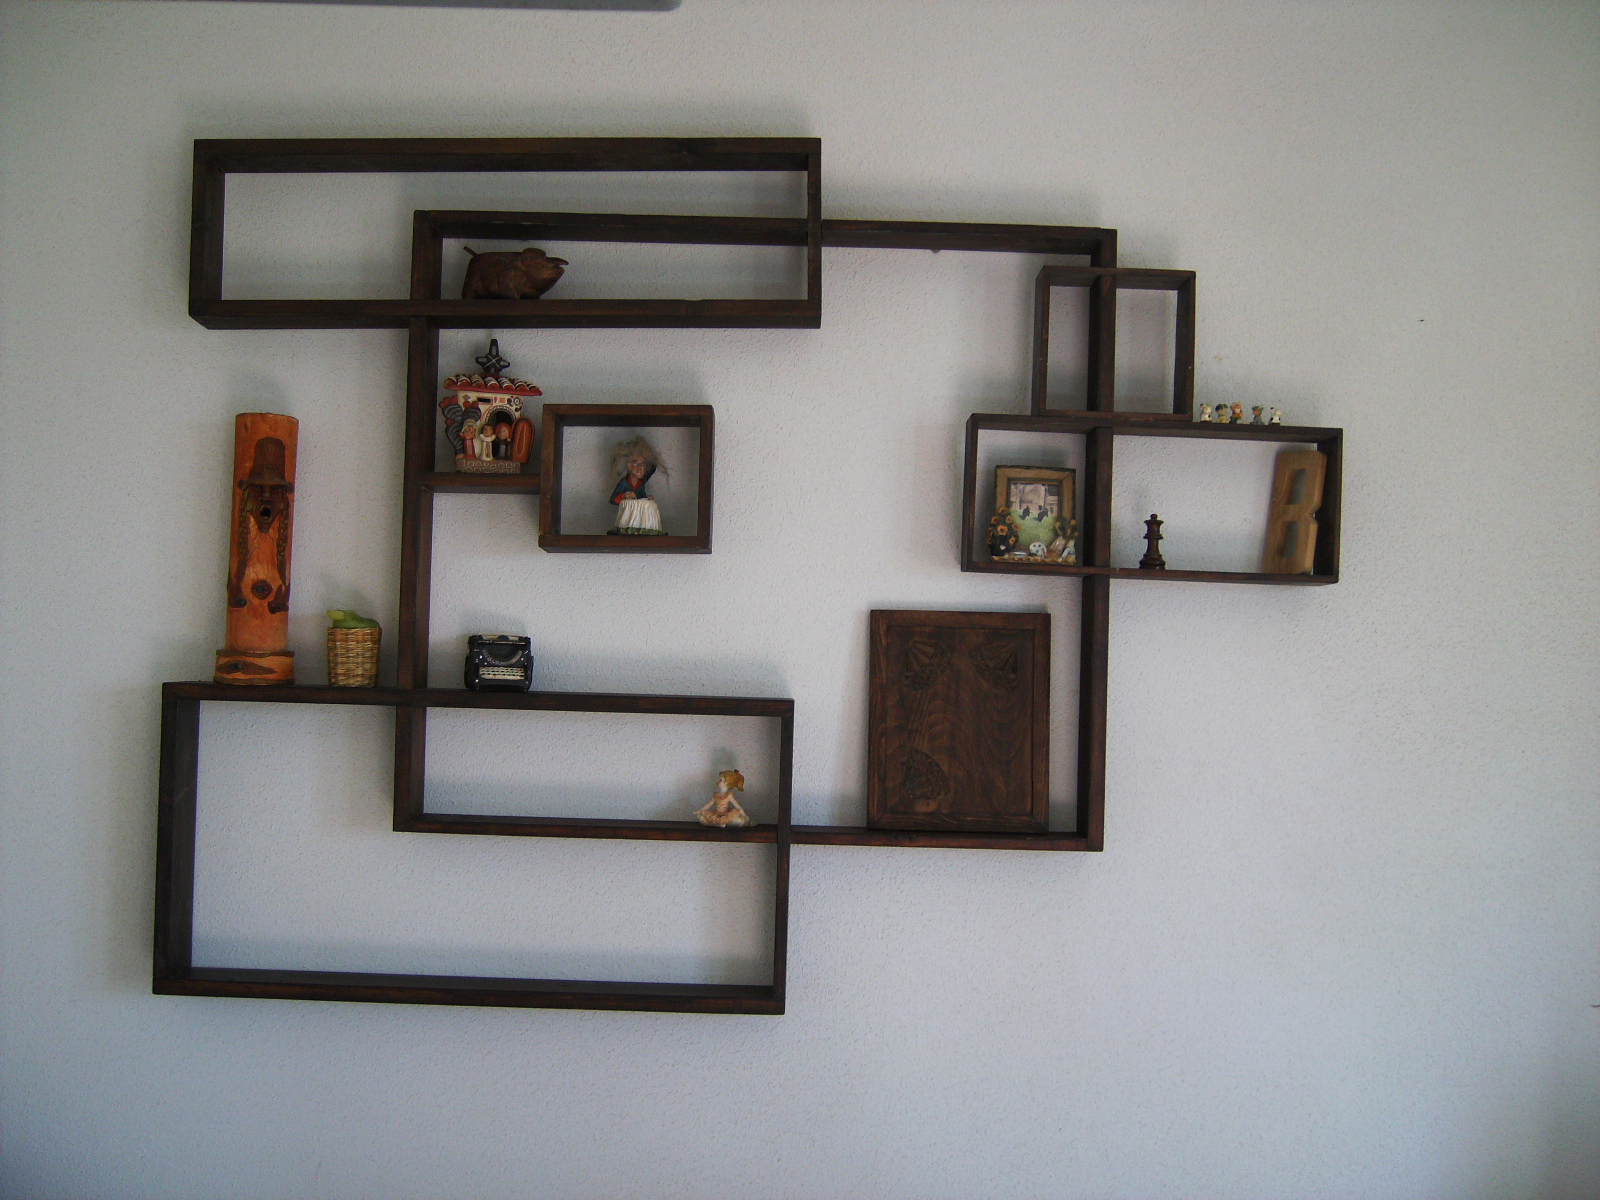 Estanter a de madera decora con estilo tus paredes - Estanterias de pared amazon ...